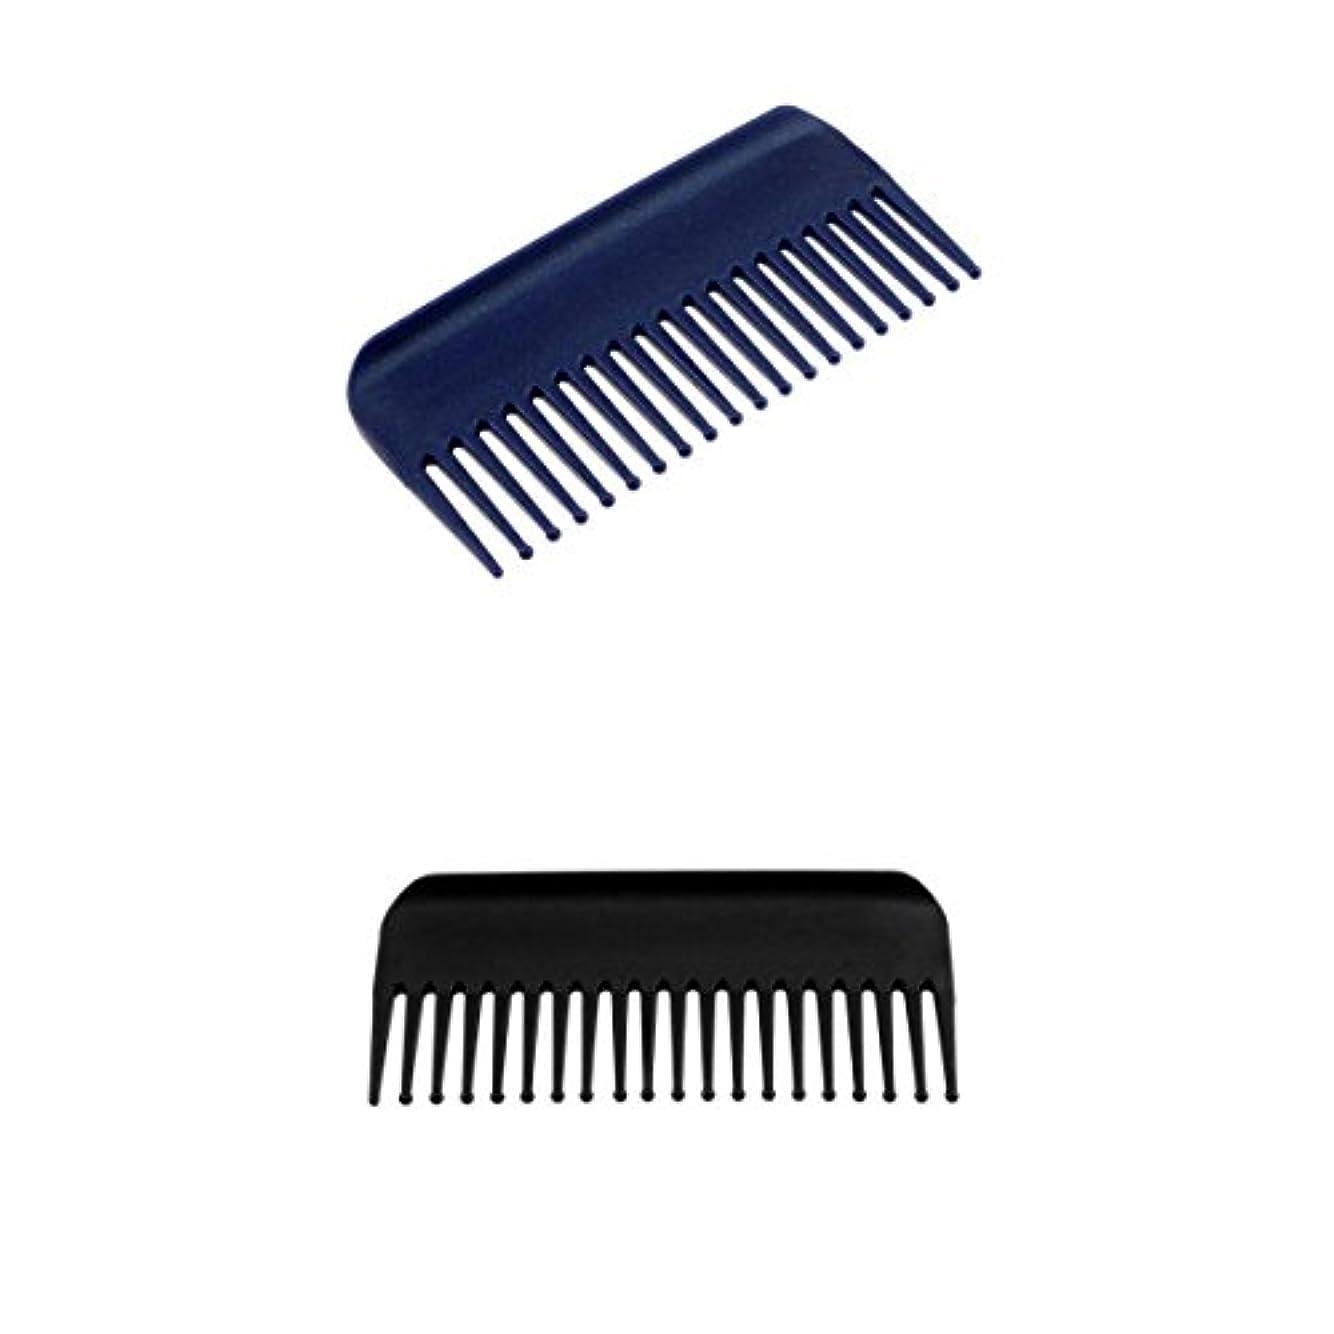 ミュウミュウヤギ別の2個19歯解くこと髪くしヘアコンディショニングレーキくしワイド歯ヘアブラシサロン理容ツール